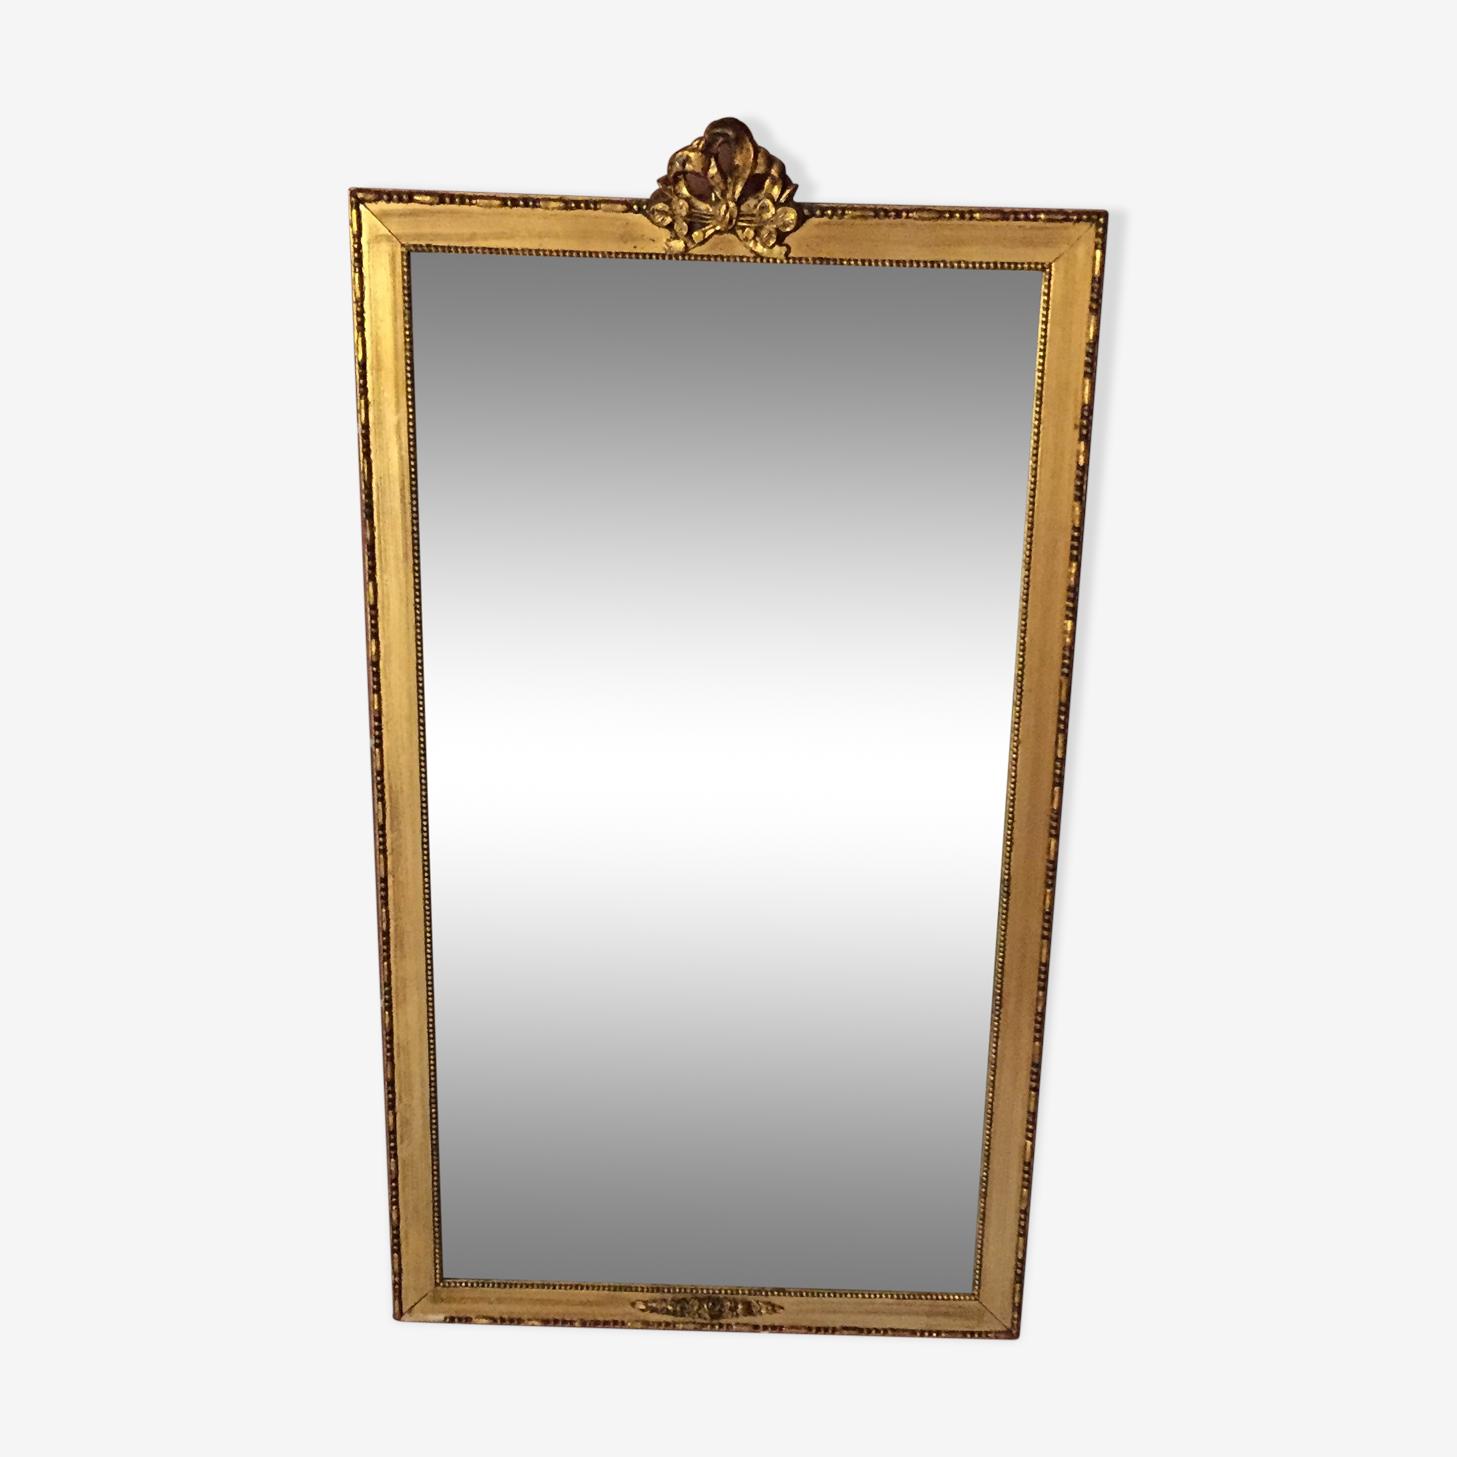 Miroir rectangulaire en bois doré  67 x 37 cm